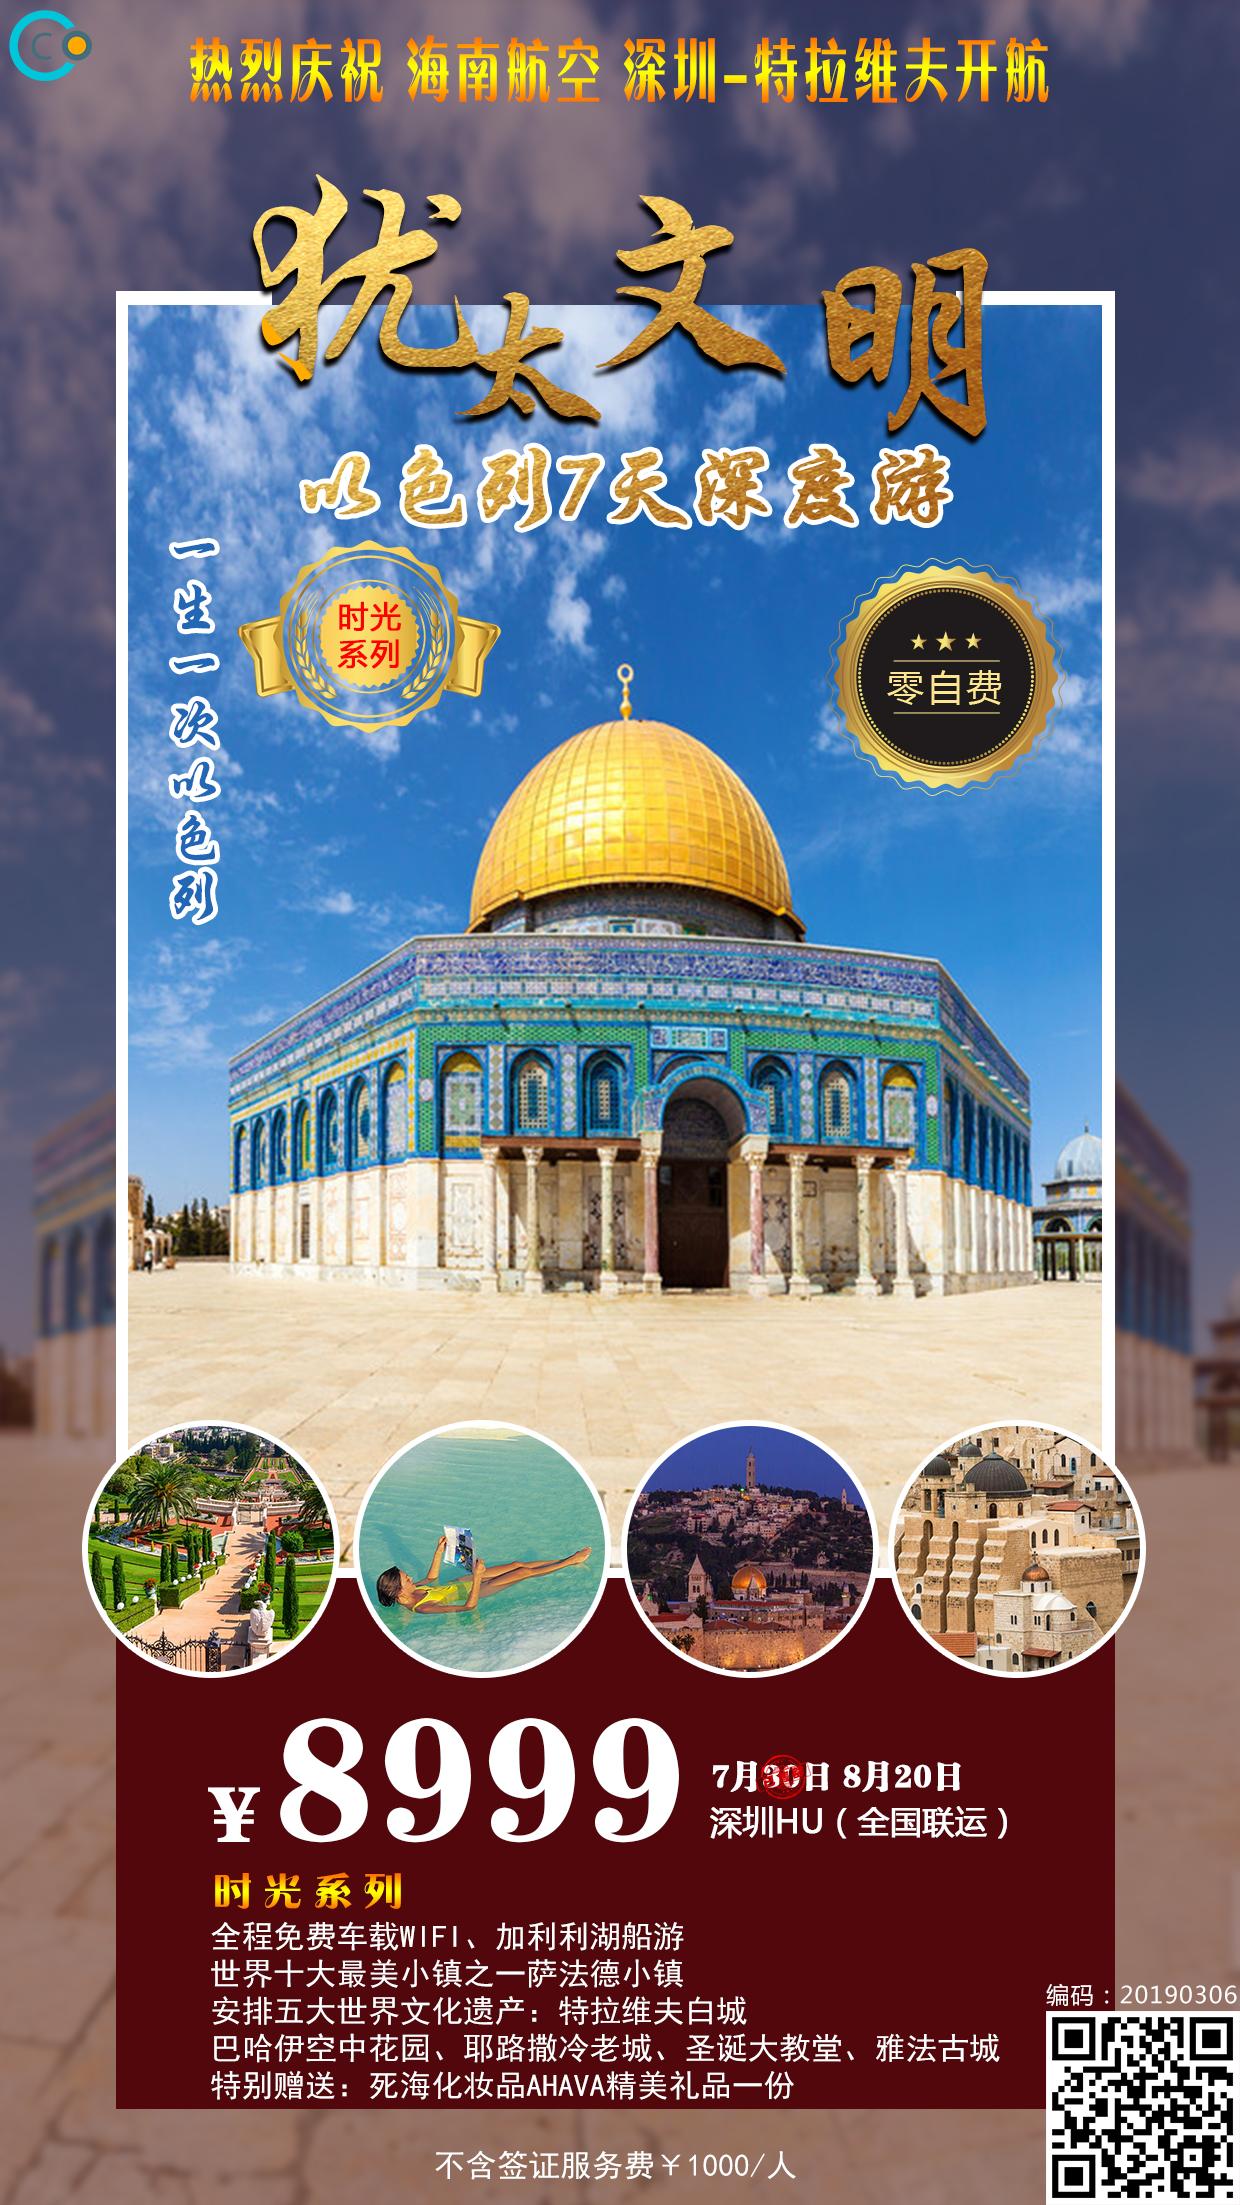 以色列5.27.jpg